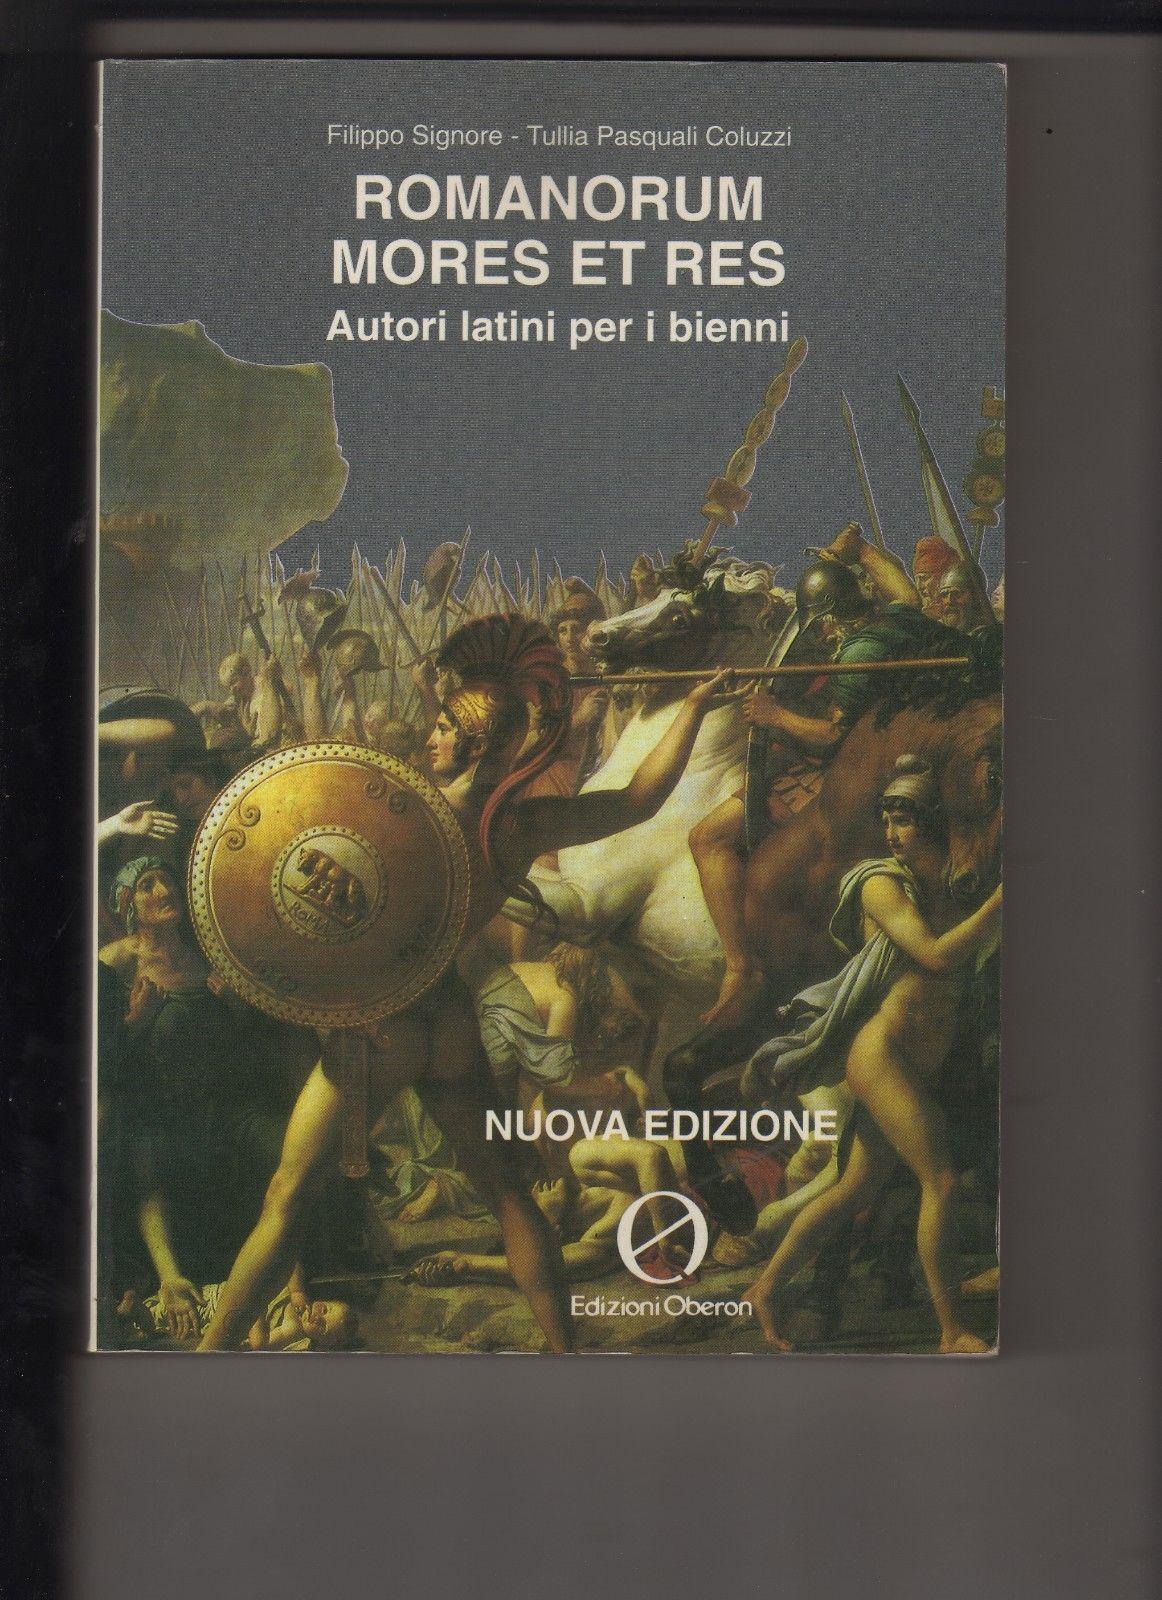 Romanorum Mores et Res